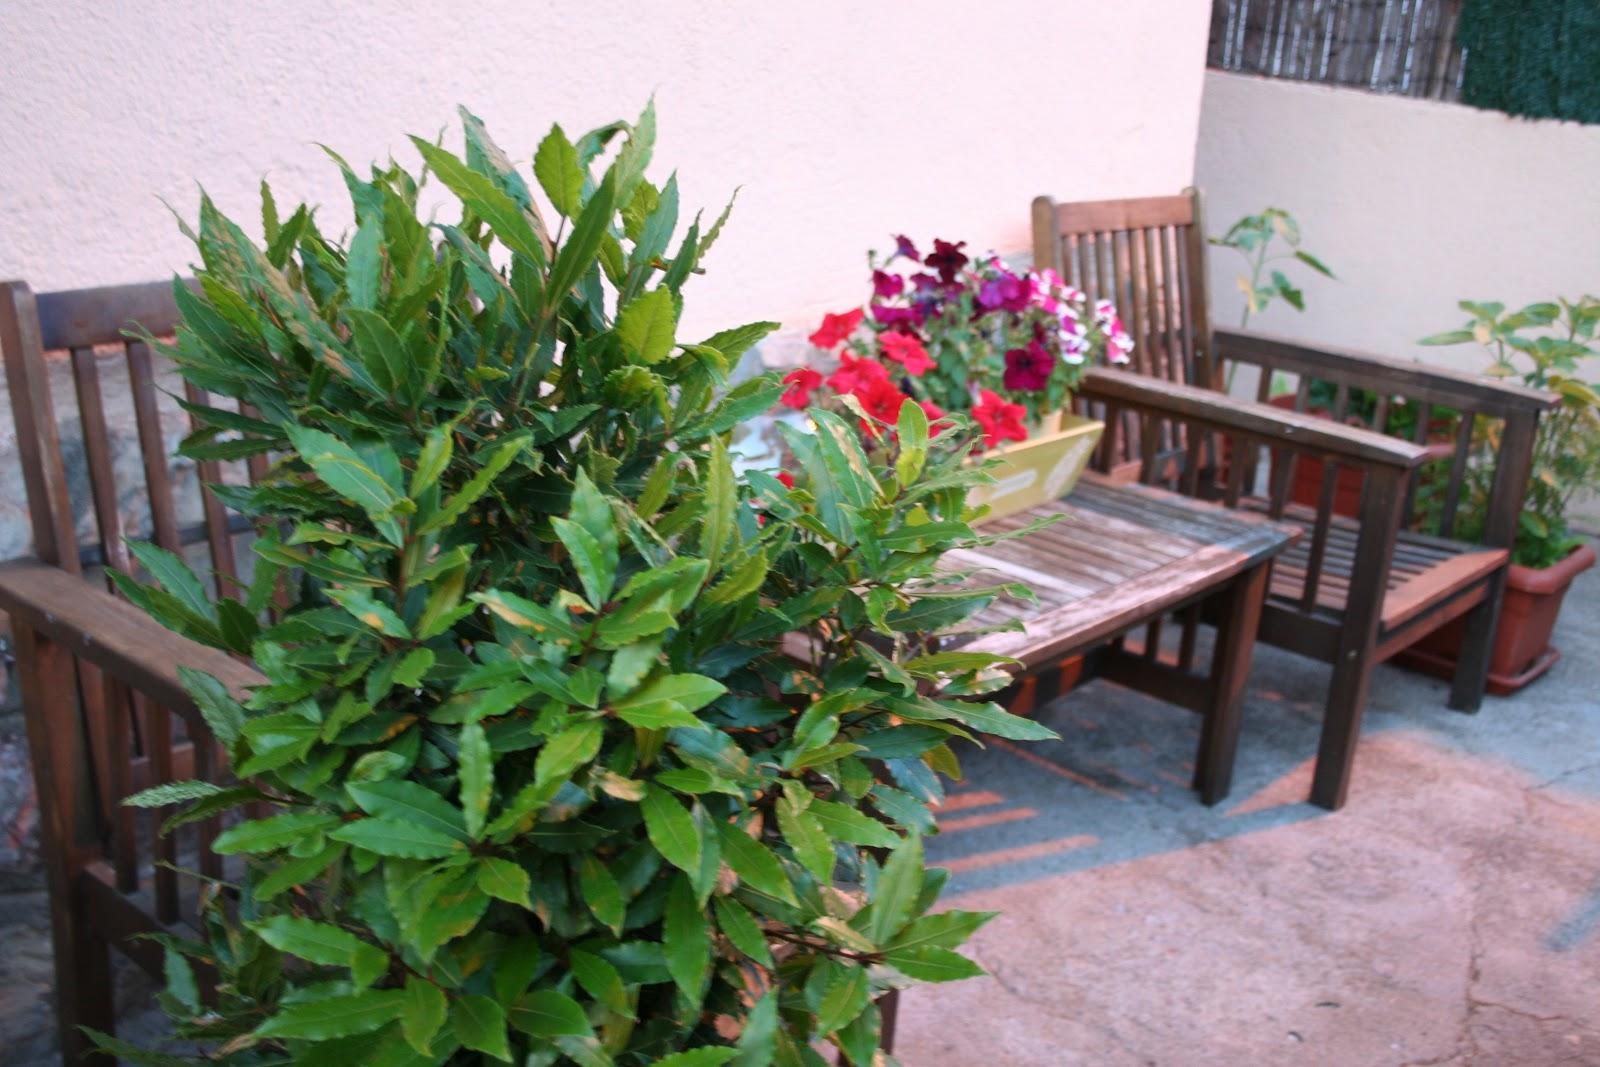 Milanesa mi jard n de aromaticas - Jardin de aromaticas ...